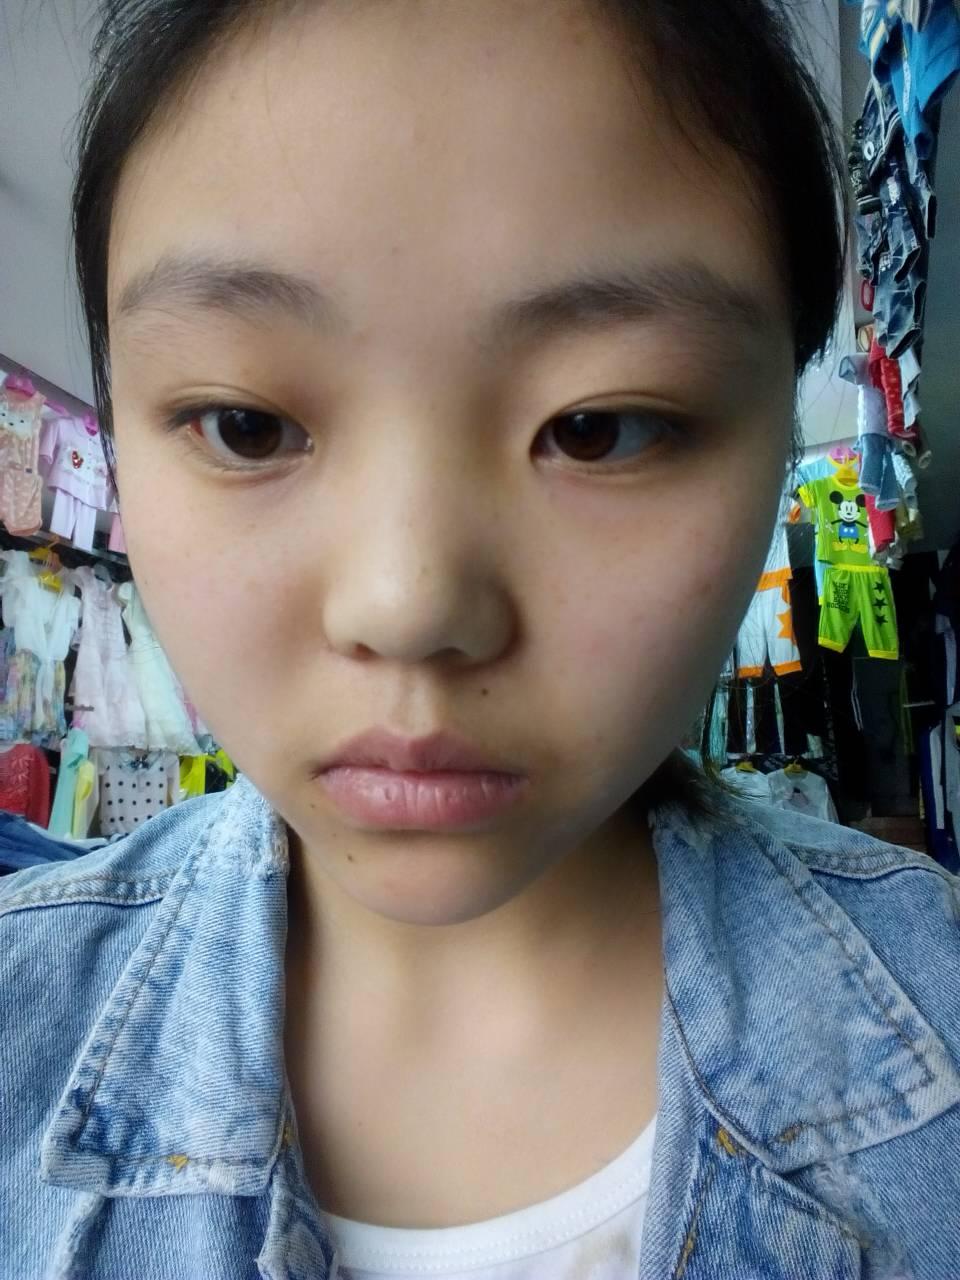 大脸,俩边有点宽,厚嘴唇,塌鼻子,大眼睛.想做个发型图片